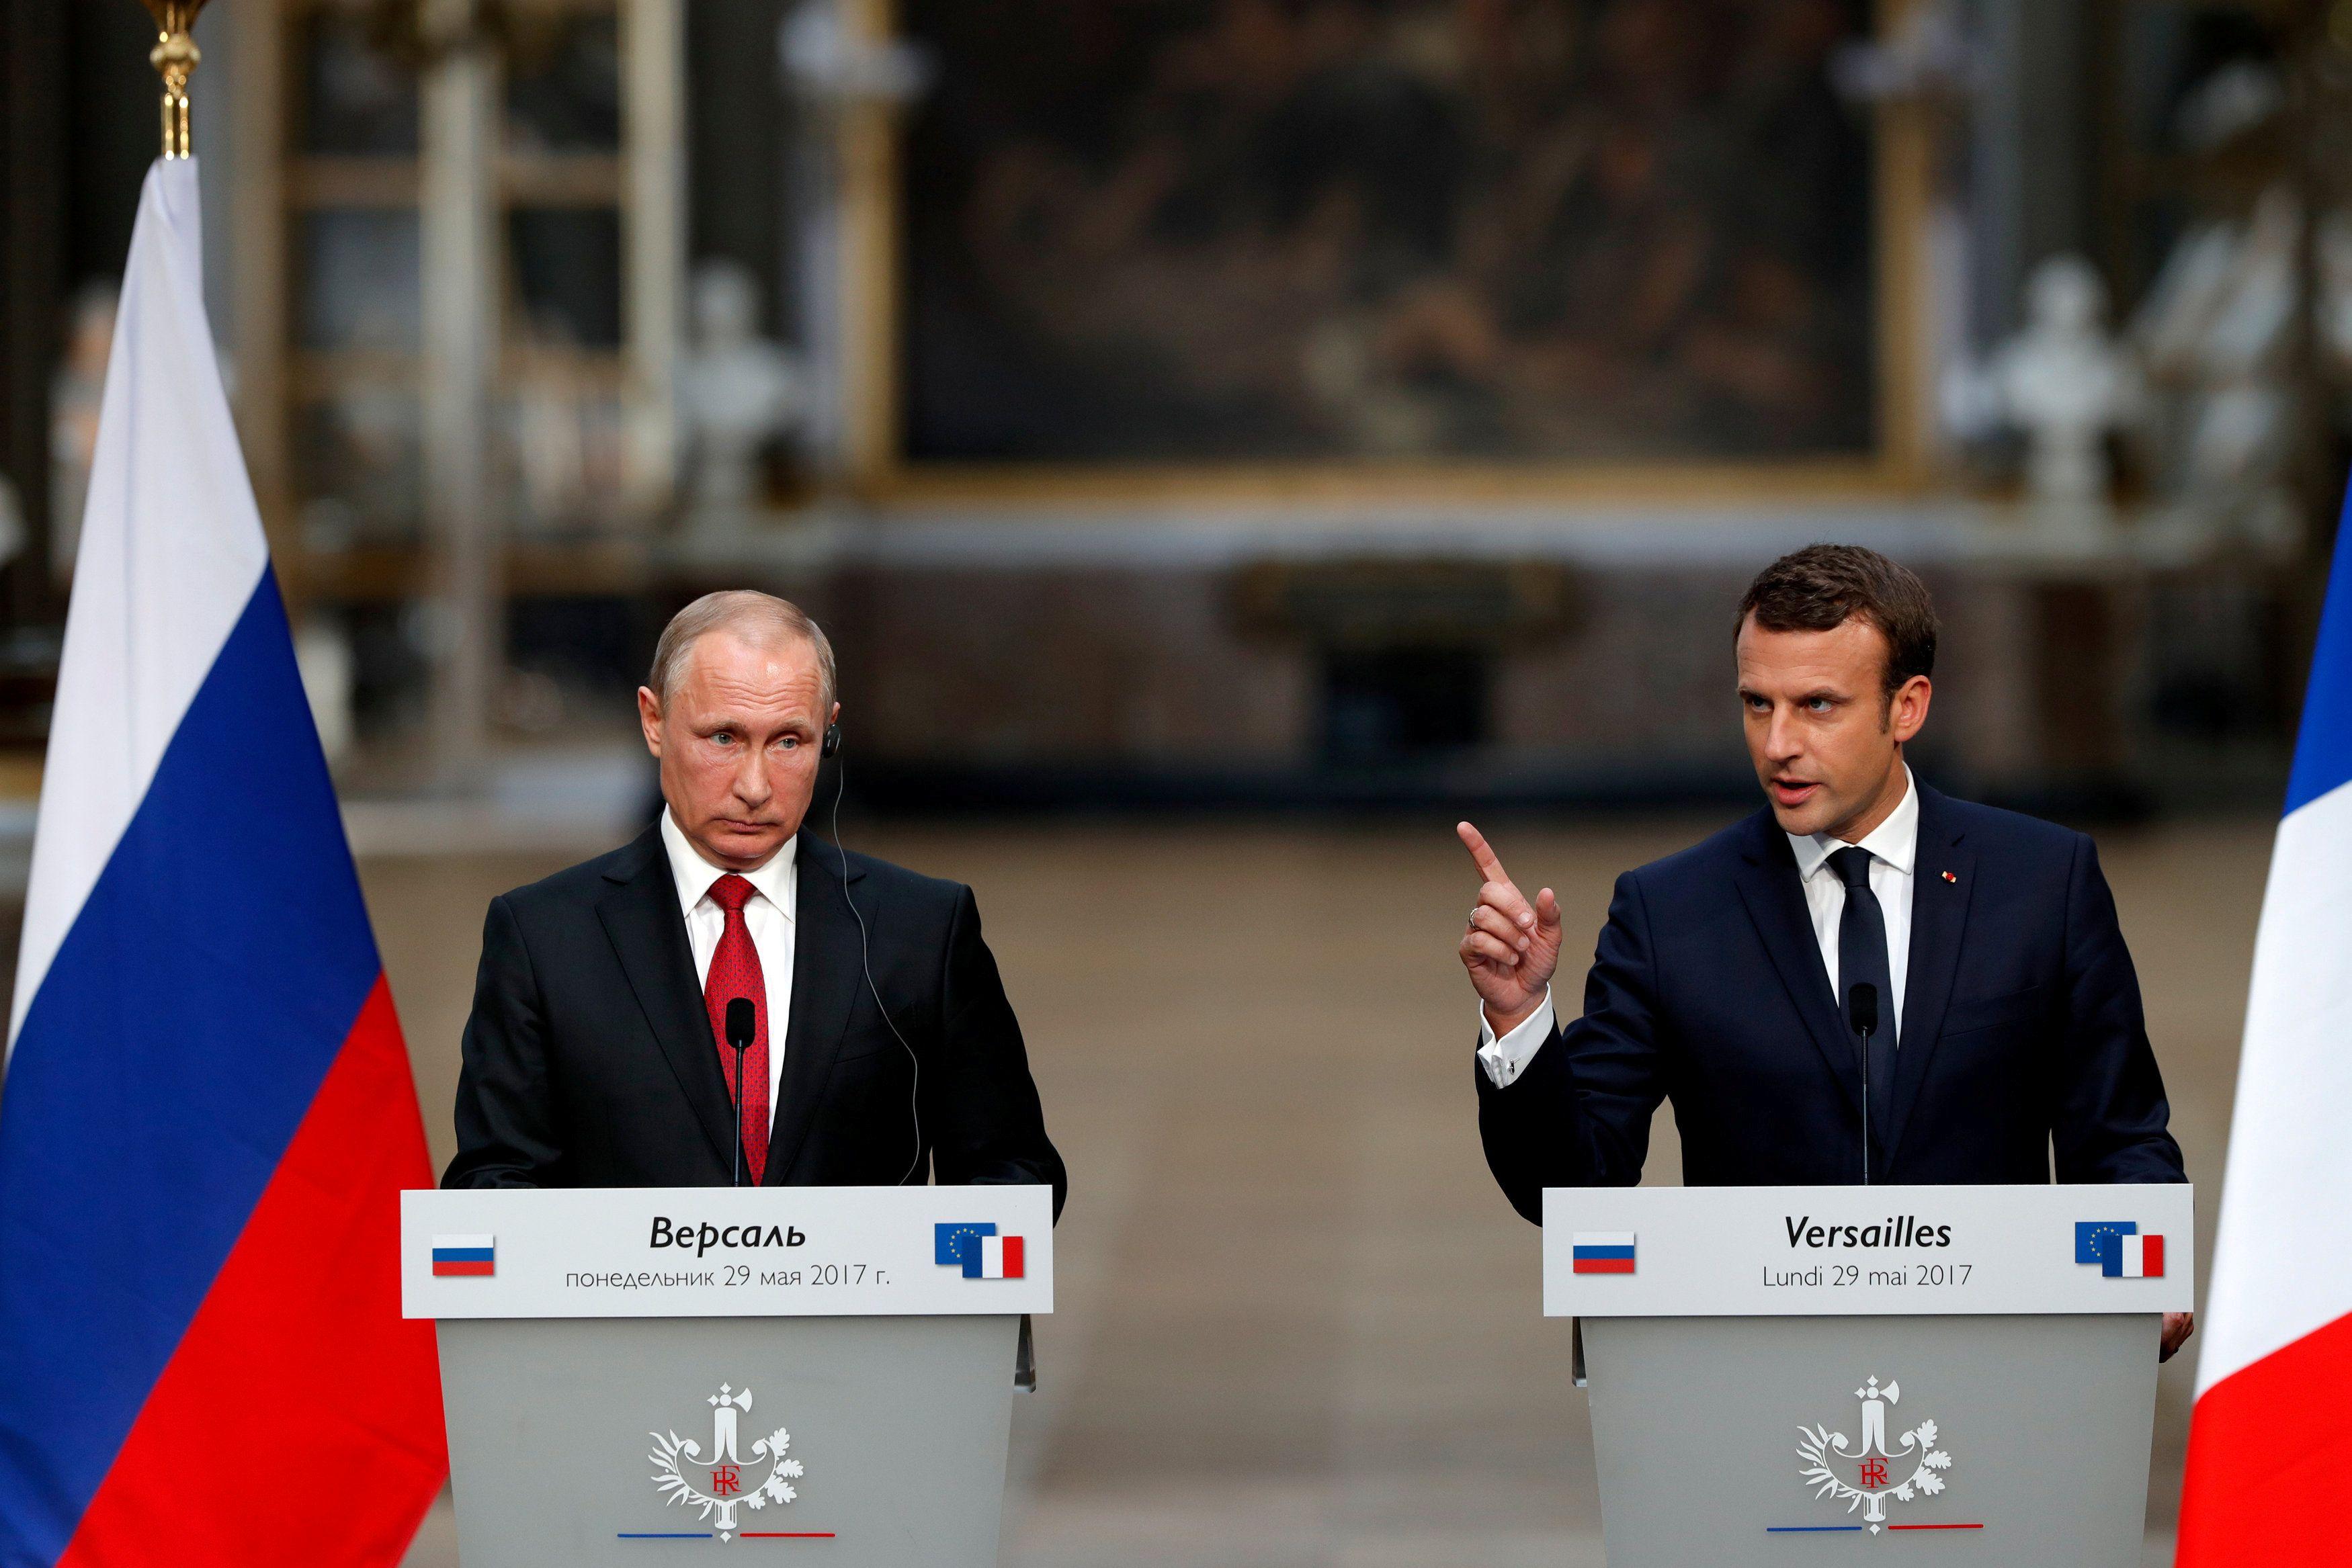 / Reuters